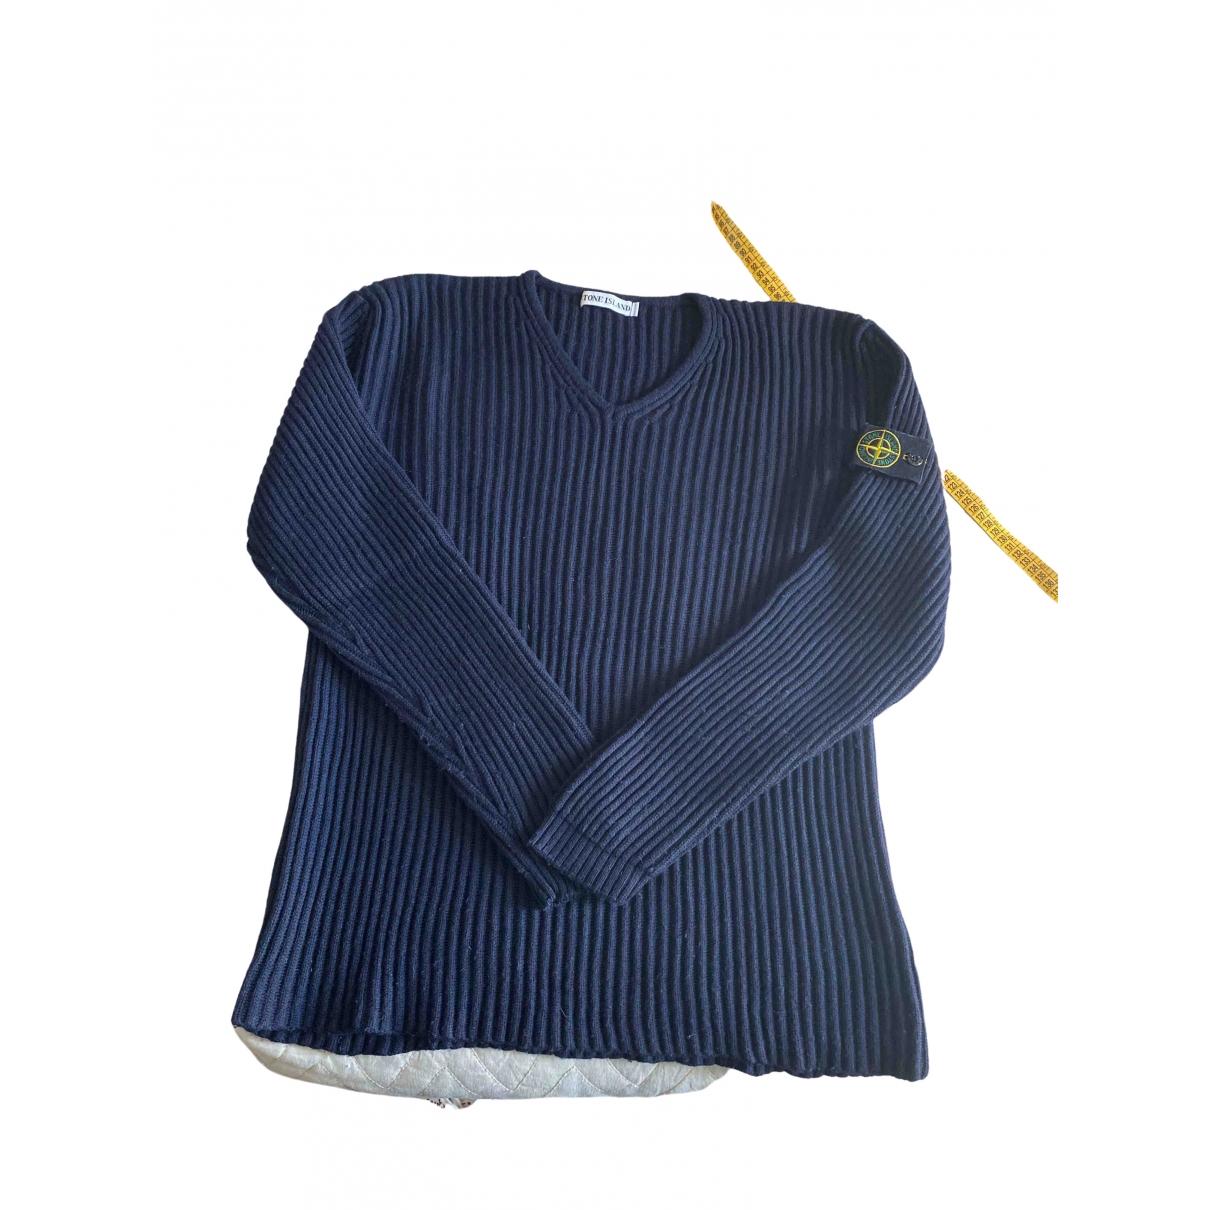 Stone Island - Pulls.Gilets.Sweats   pour homme en laine